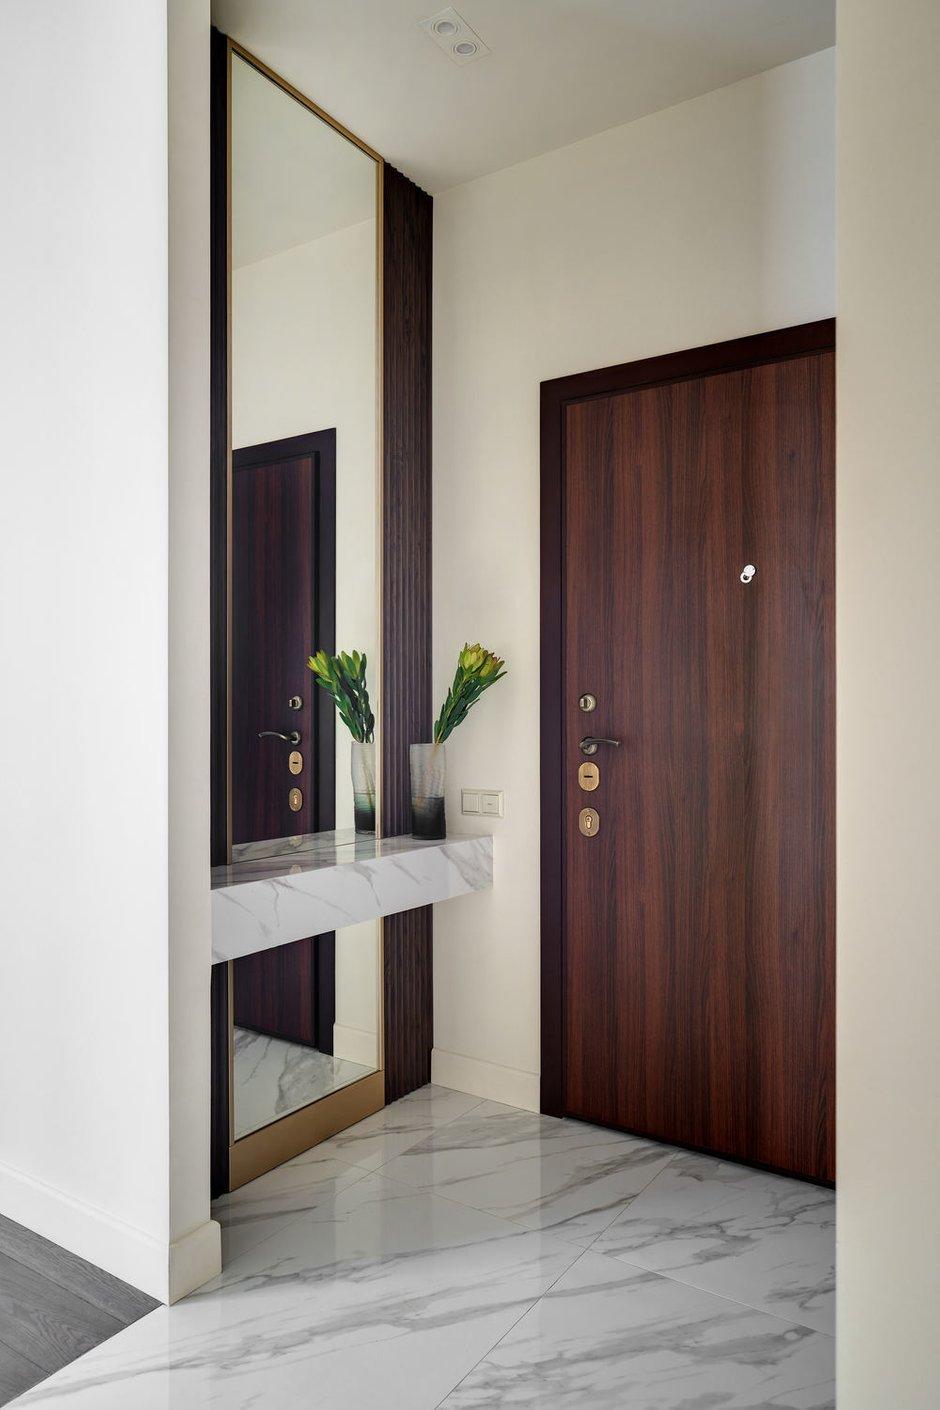 Фотография: Прихожая в стиле Современный, Квартира, Проект недели, Москва, 3 комнаты, 60-90 метров, Алена Чмелева – фото на INMYROOM